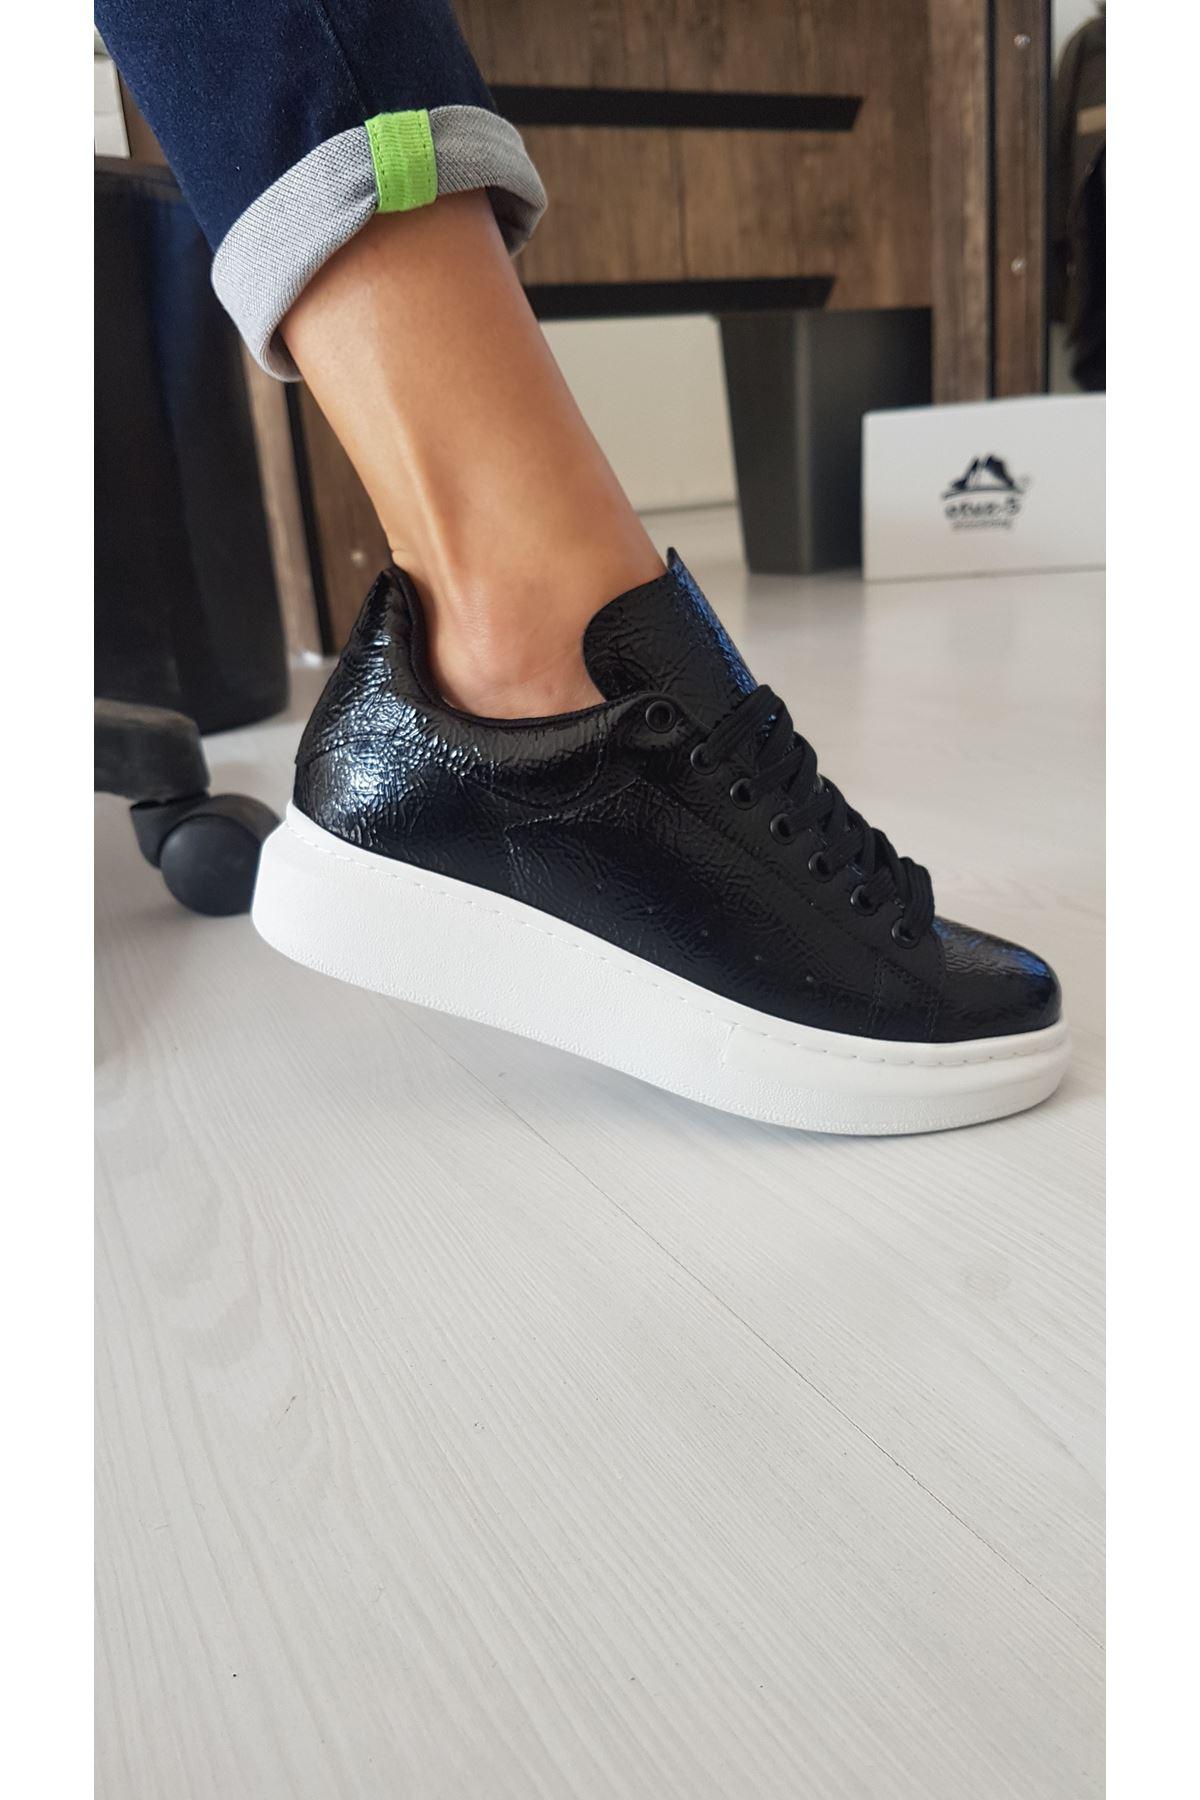 RMS Kırışık Rugan  Sneakers Günlük Spor Ayakkabı Siyah